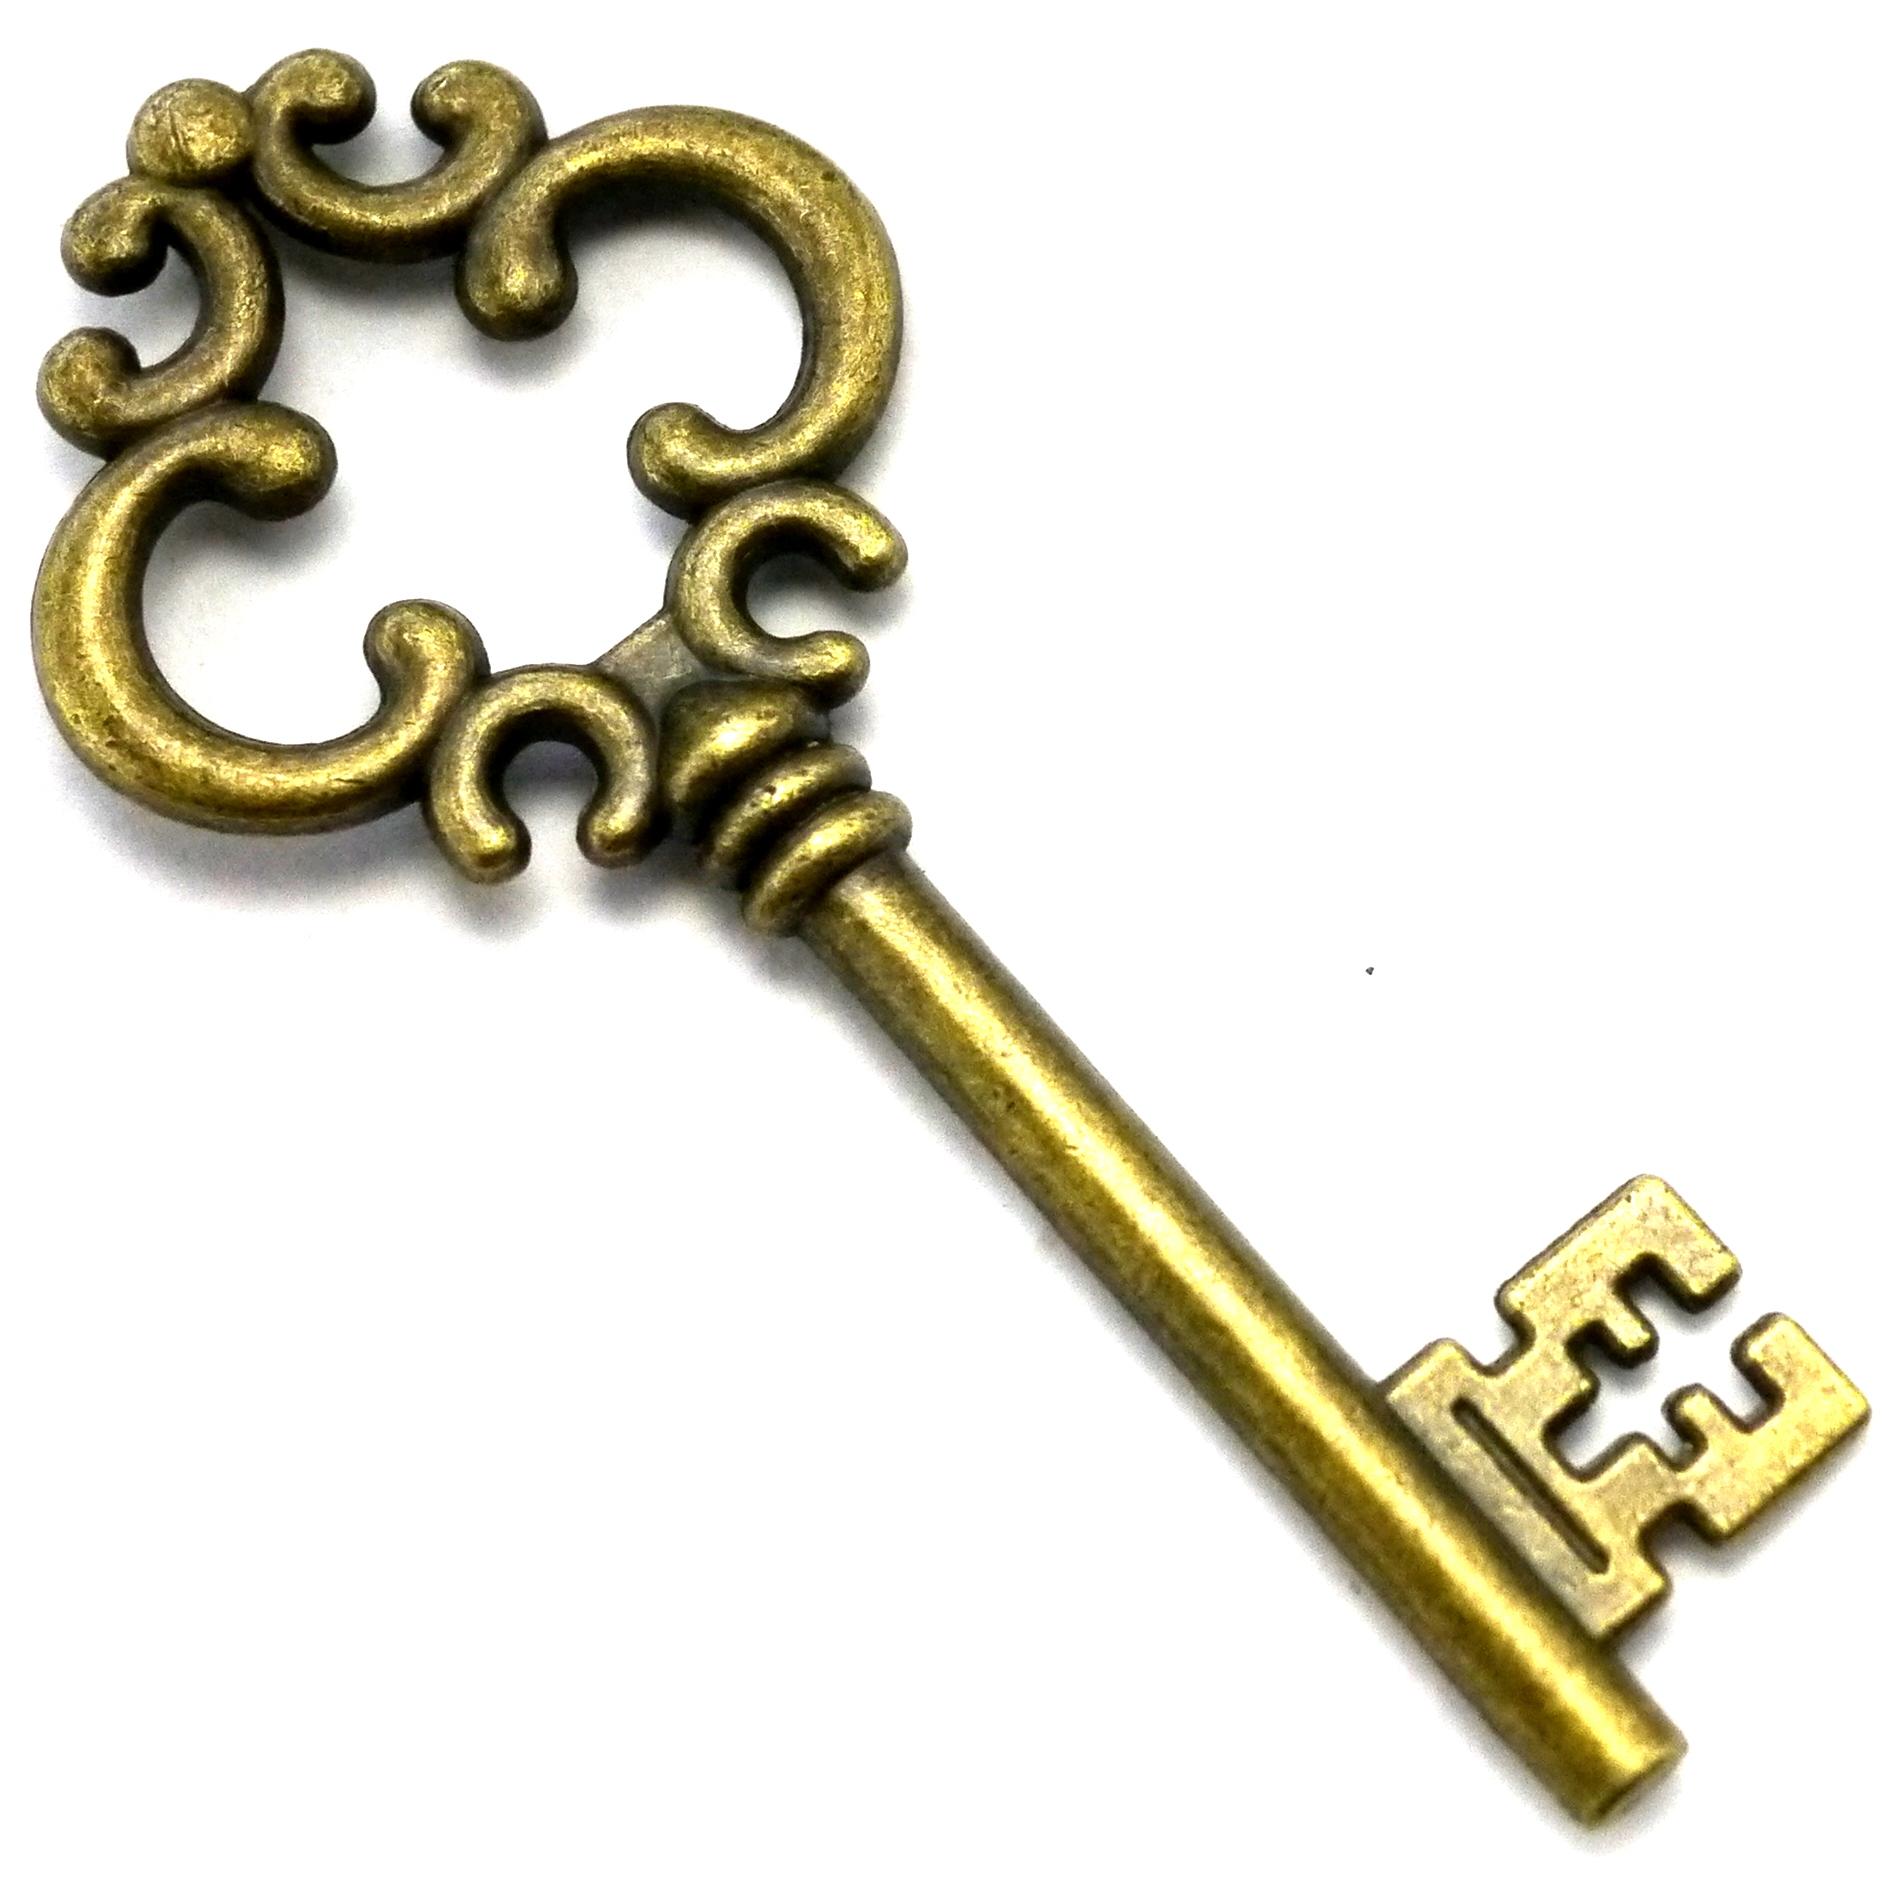 1894x1898 Old Fashioned Key Clip Art 1574311